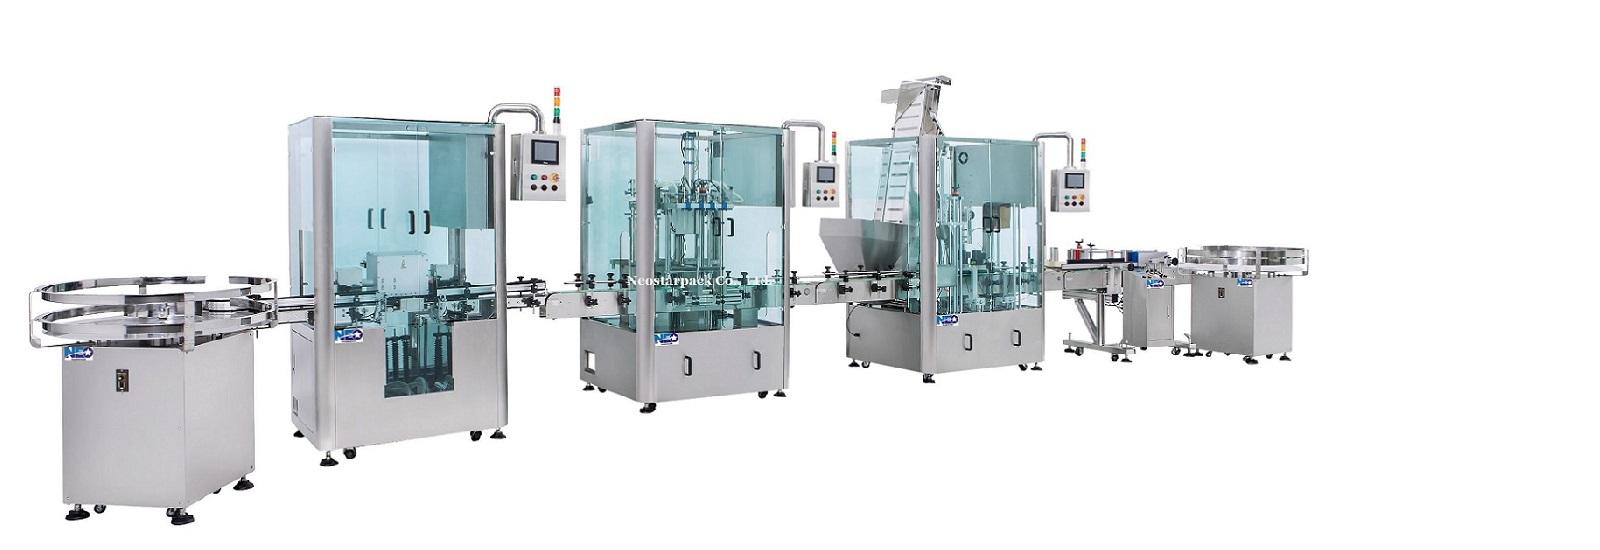 新碩達    플랜트 생산 라인 계획    병 세탁기, 충전물 기계, 모자를 씌우는 기계, 레테르를 붙이는 기계